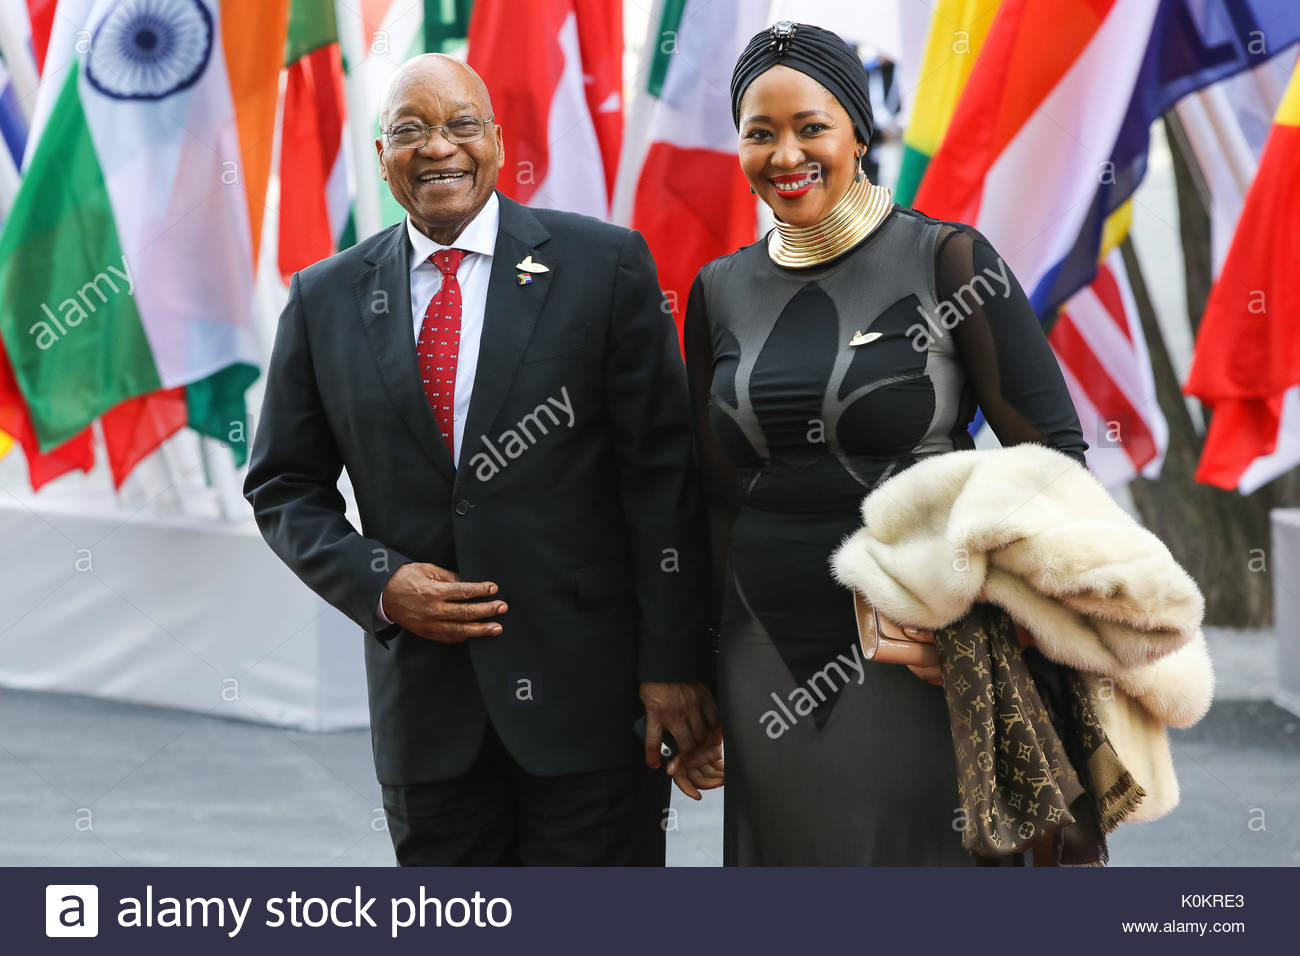 Jacob Zuma,  Praesident Suedafrikas mit einer seiner Ehefrauen beim Eintreffen zum G20-Konzert in der Elbphilharmonie in Hamburg. - Stock Image